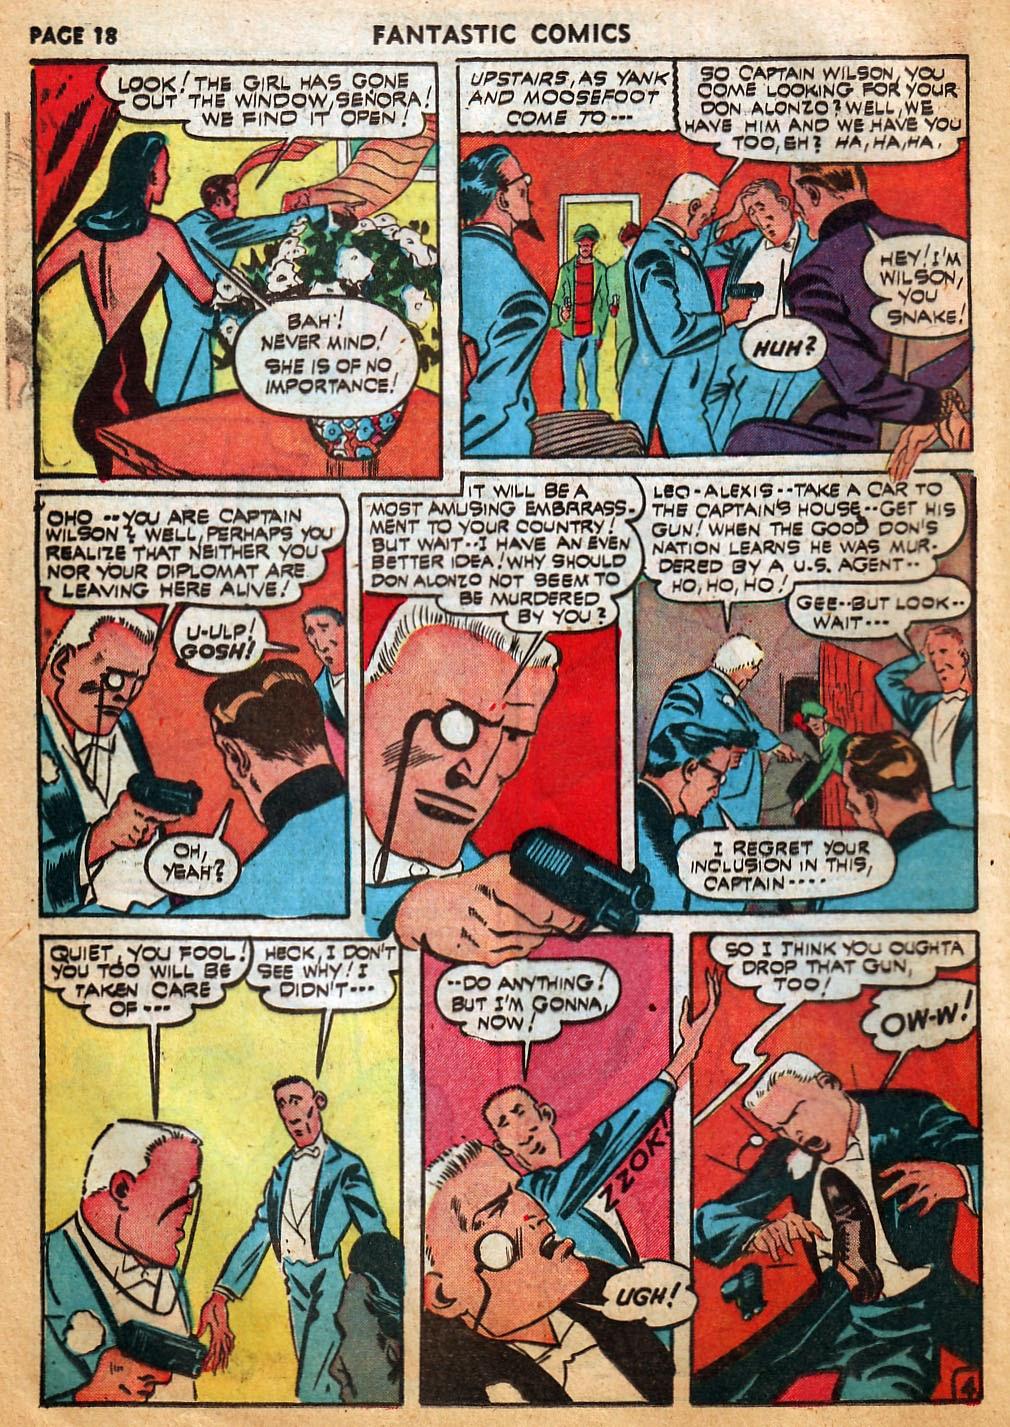 Read online Fantastic Comics comic -  Issue #22 - 20